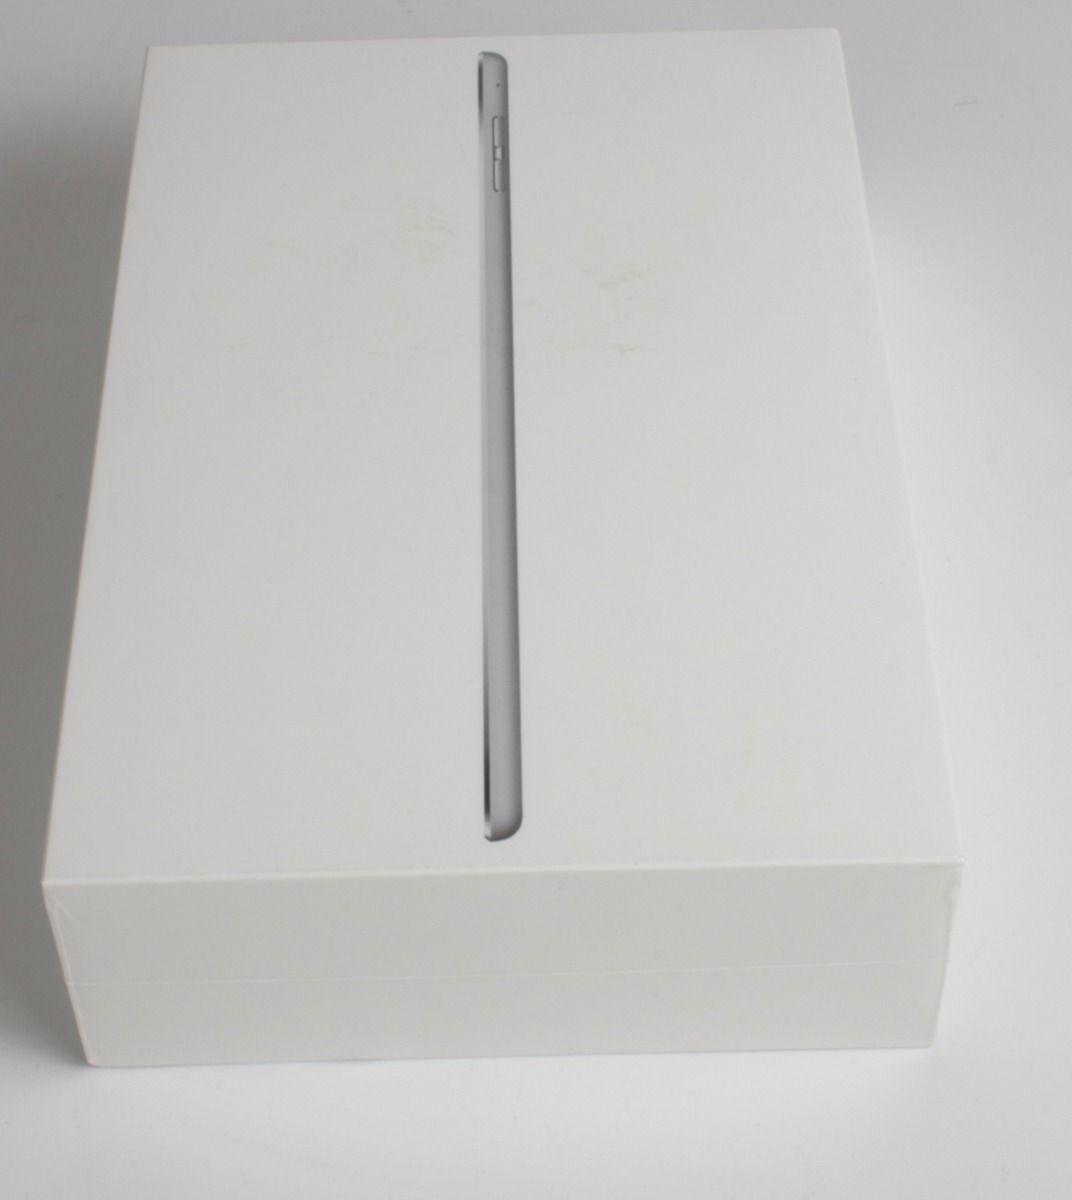 New Apple IPad MINI 4 128GB Wifi + 4G Space Grey